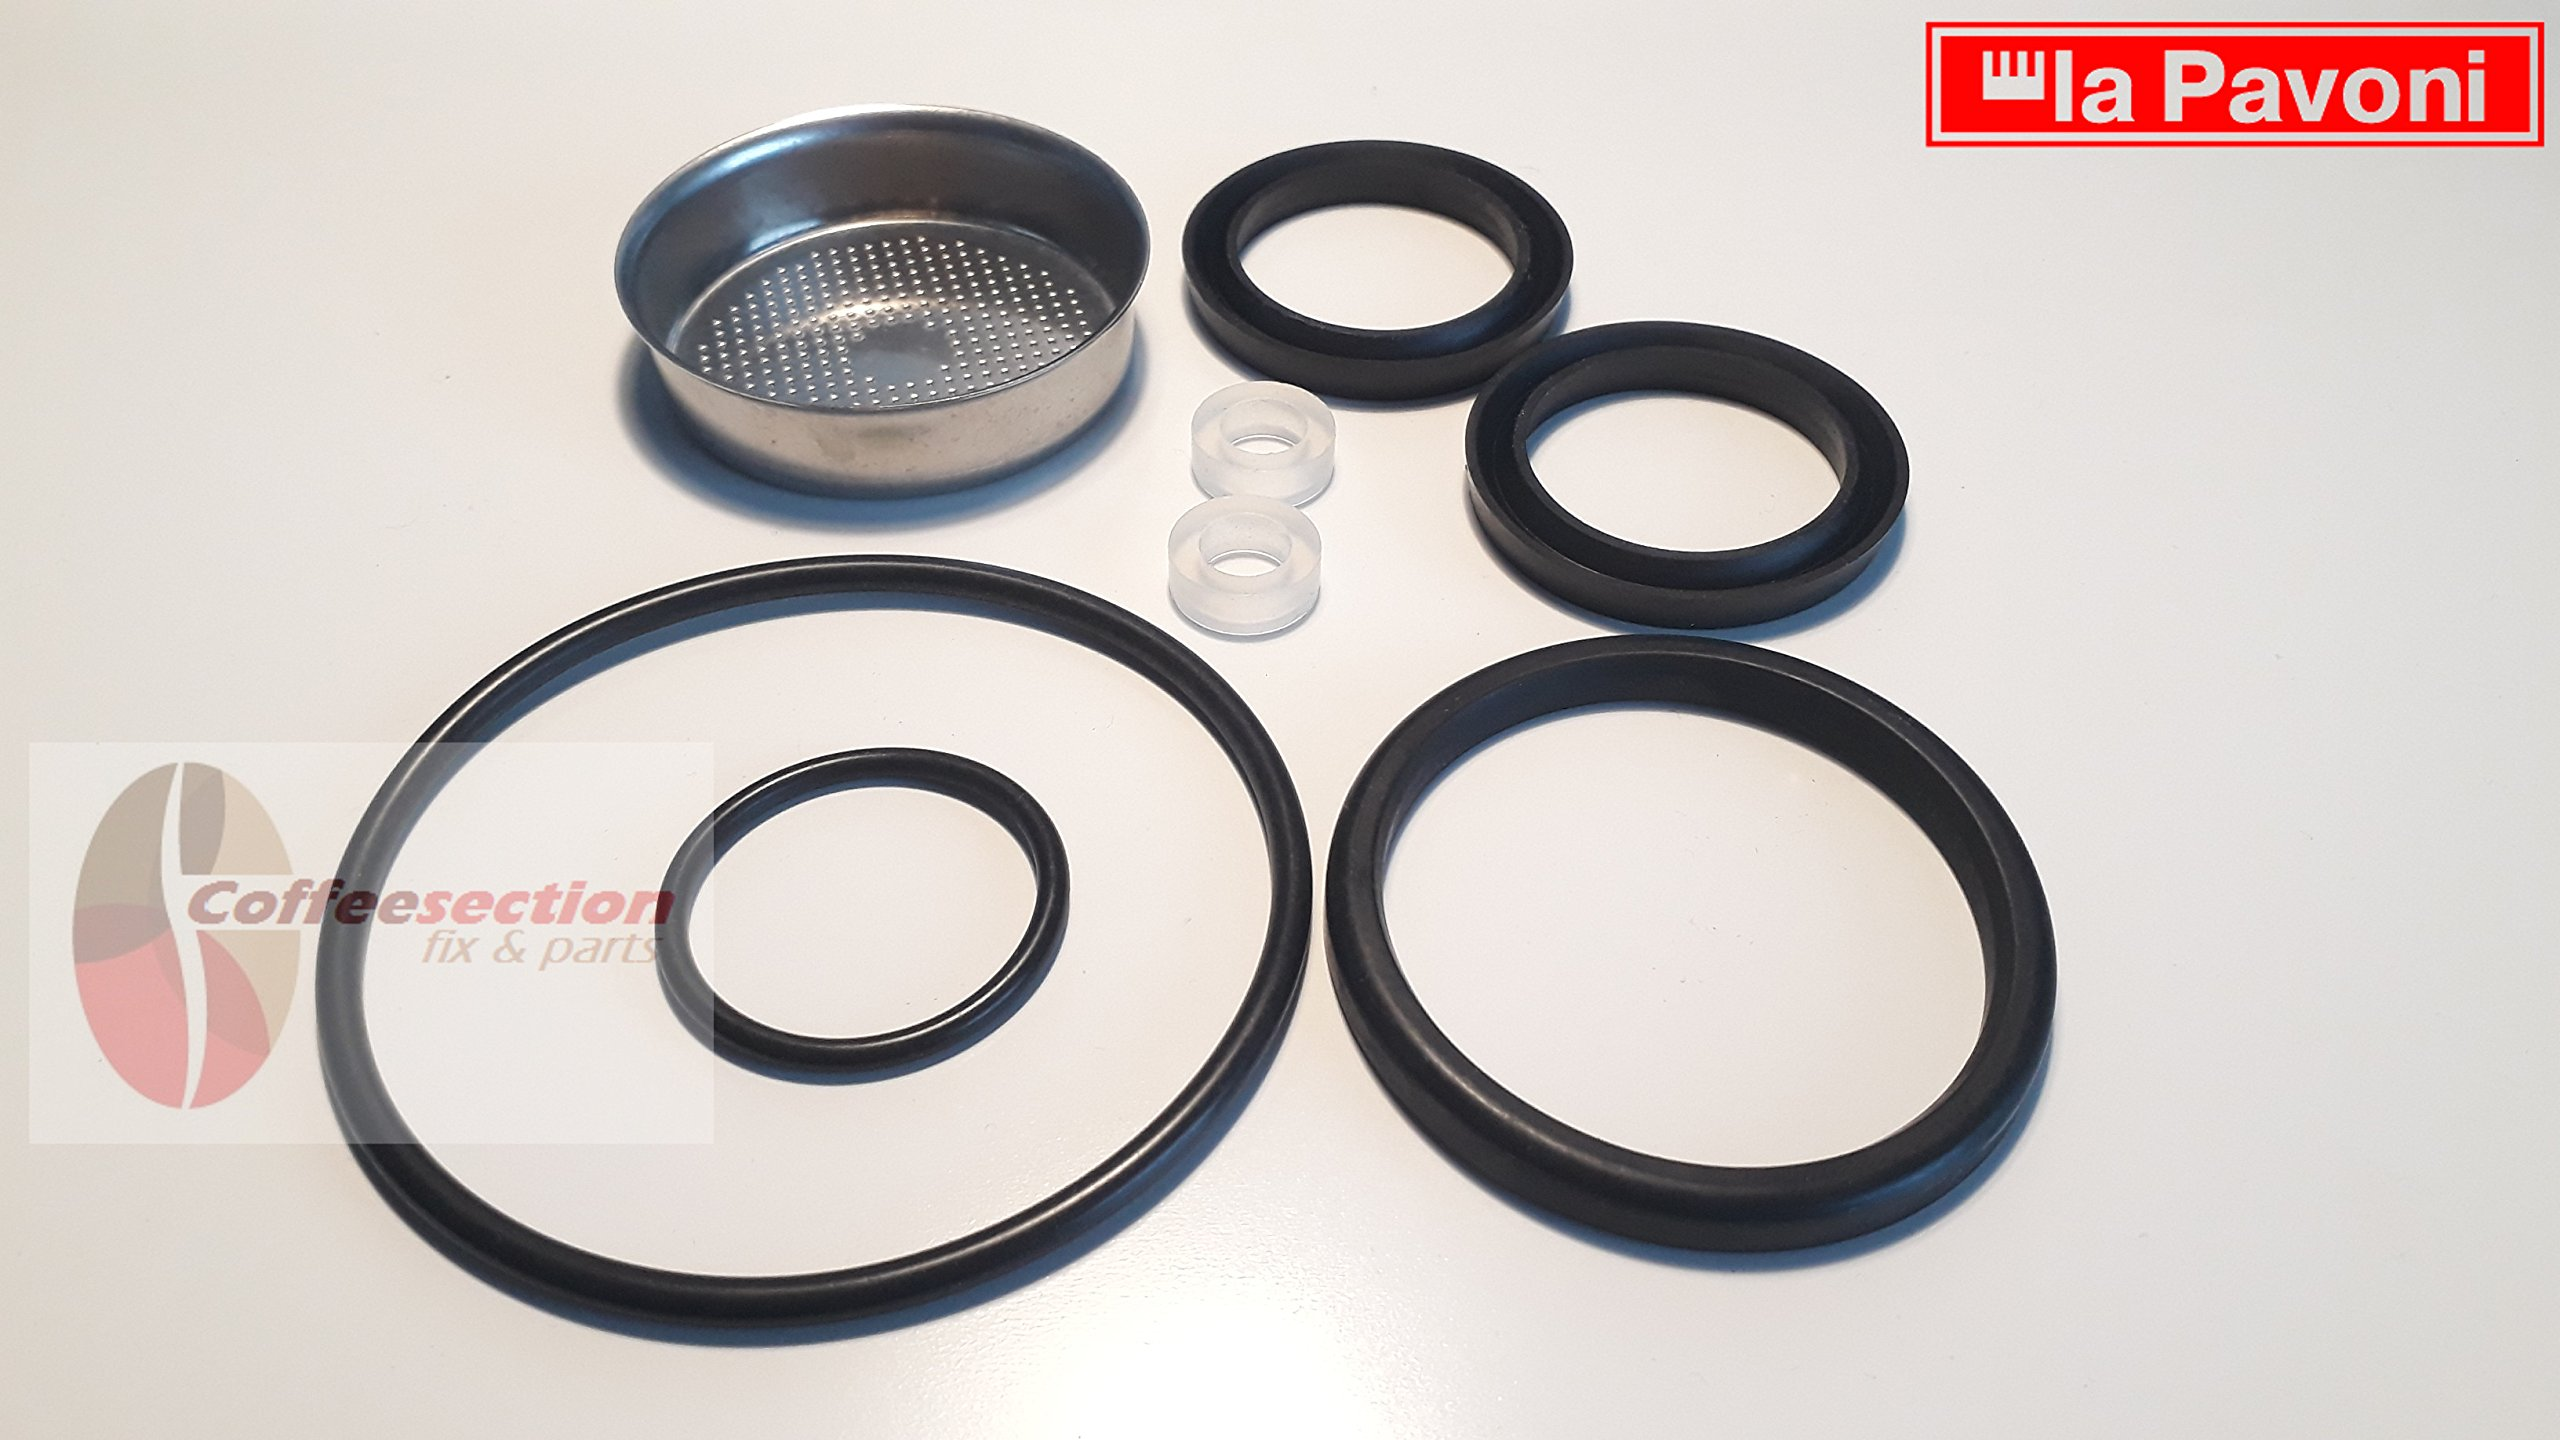 La Pavoni set, Replacement Gasket Kit, Europiccola, Professional, PRE Millennium